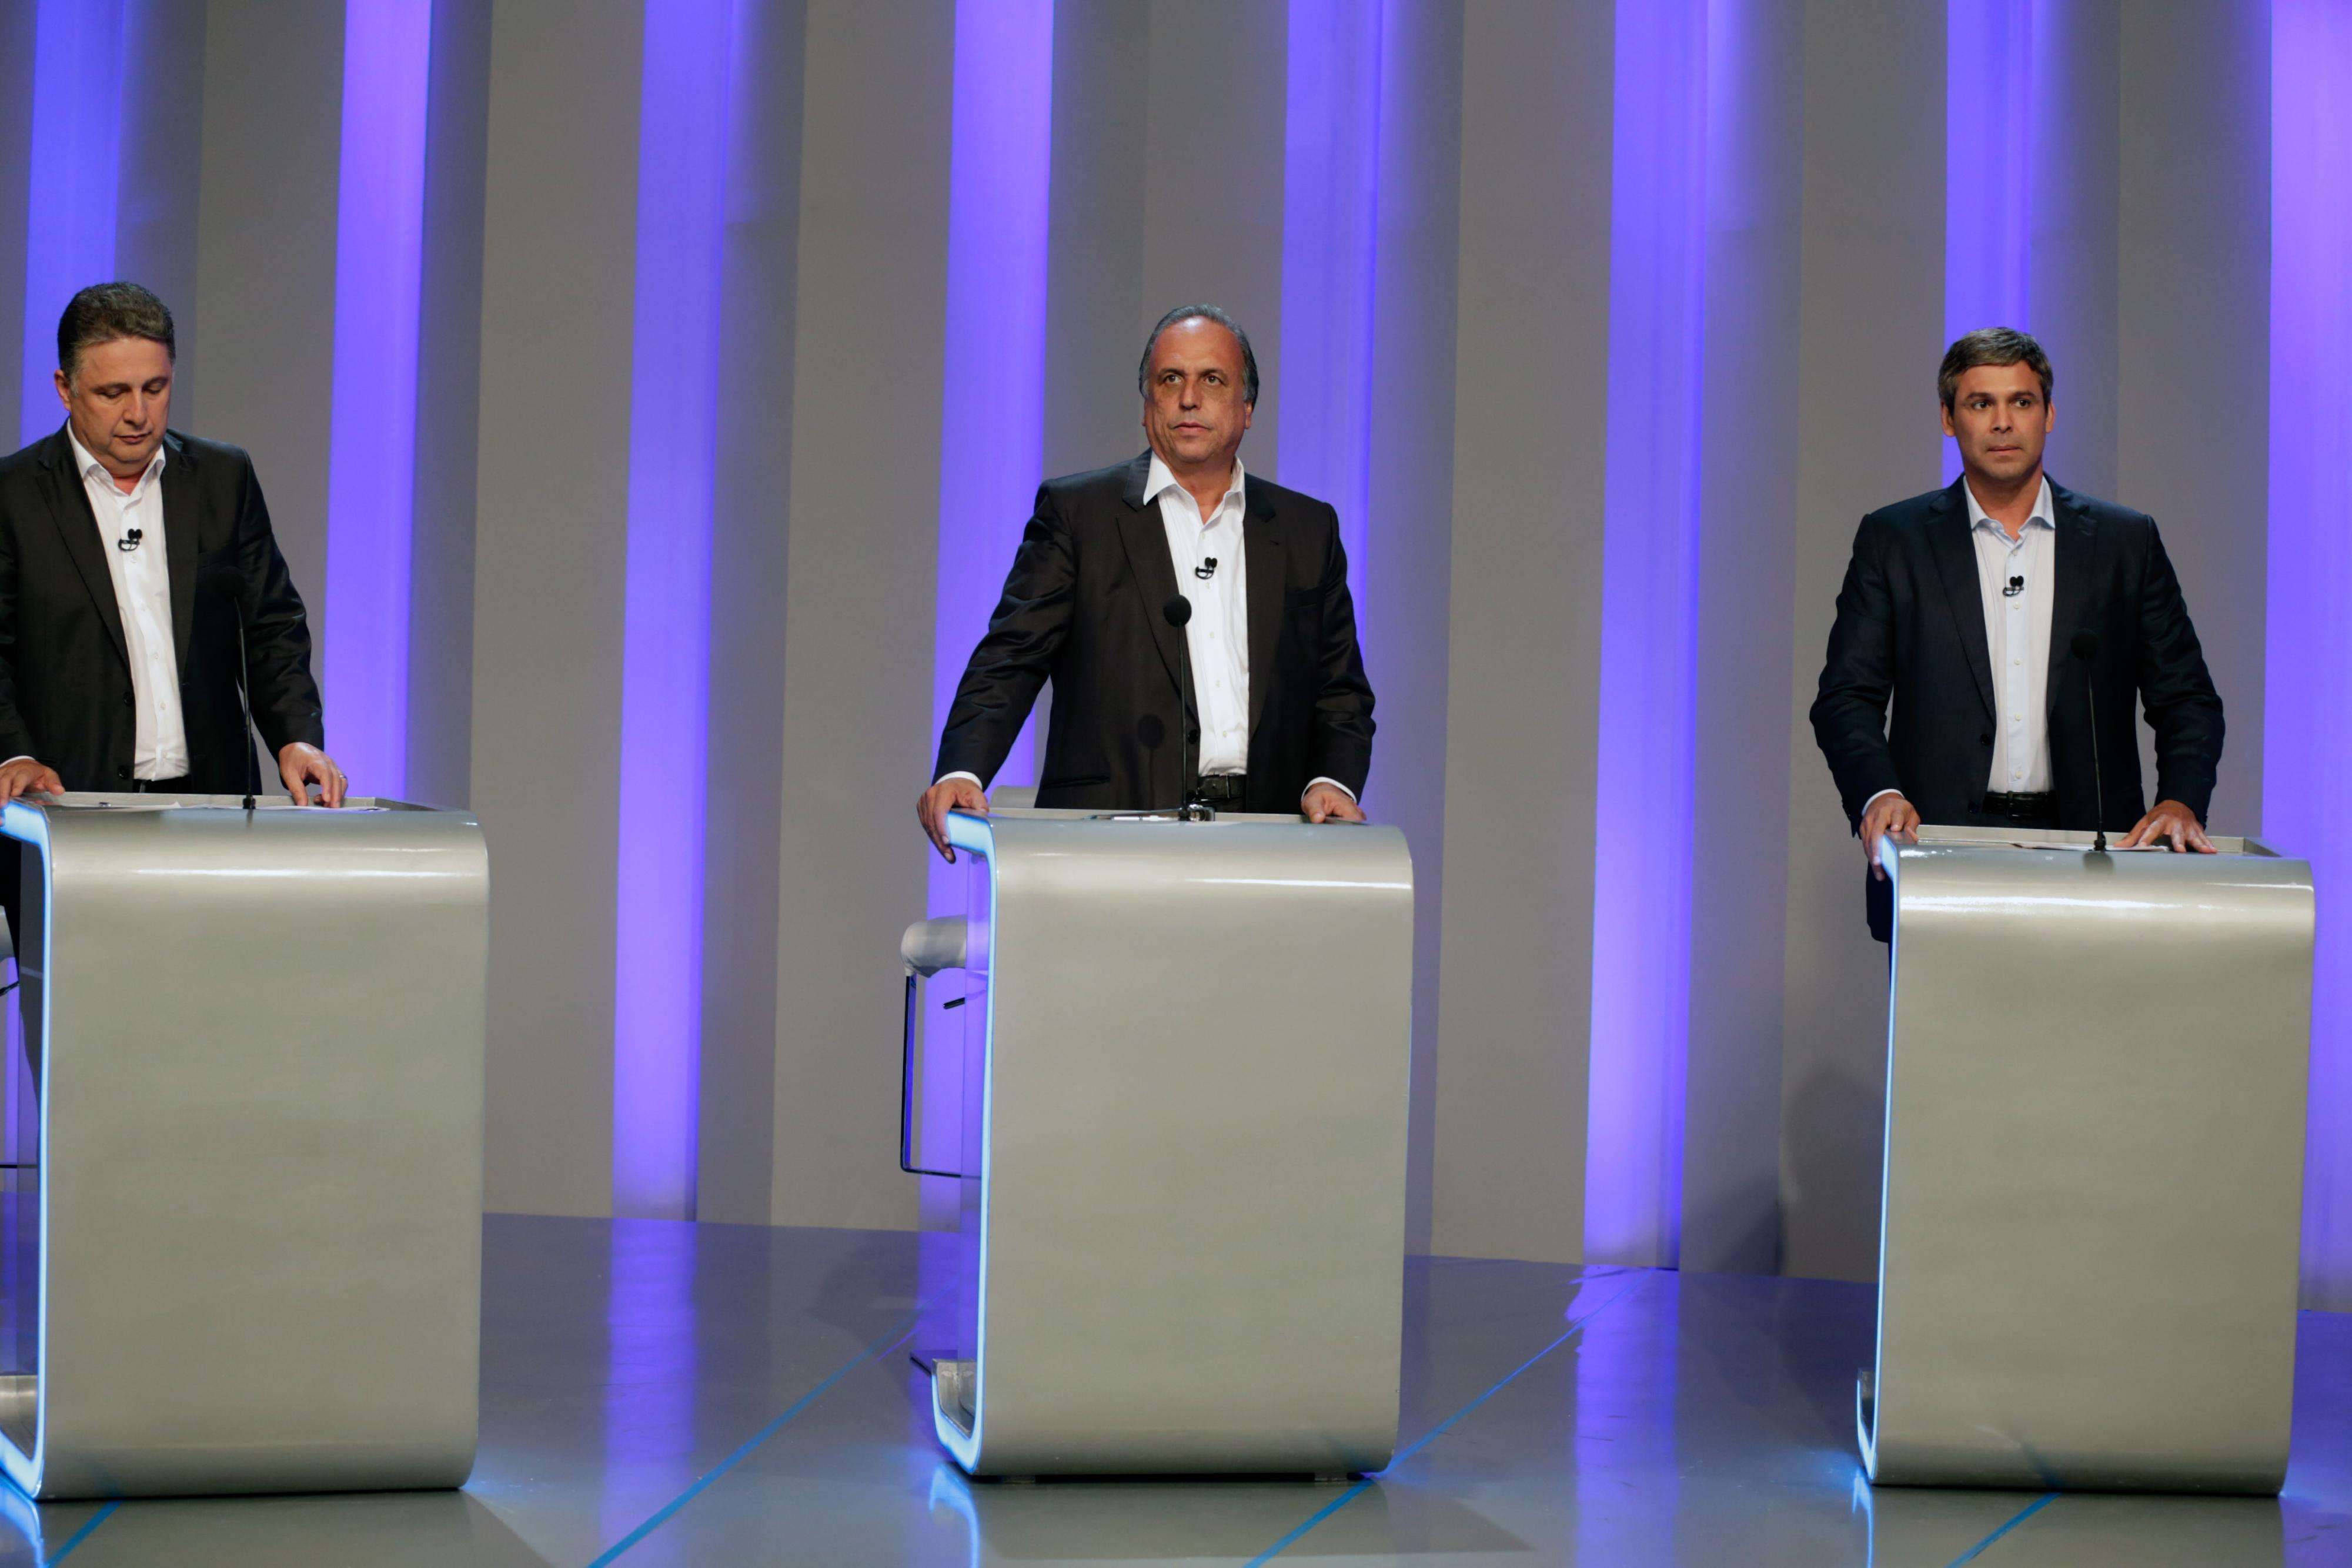 Candidatos discutiram suas propostas e aproveitaram para atacar os rivais Foto: Antônio Pinheiro/Campanha Lindberg Farias/Divulgação